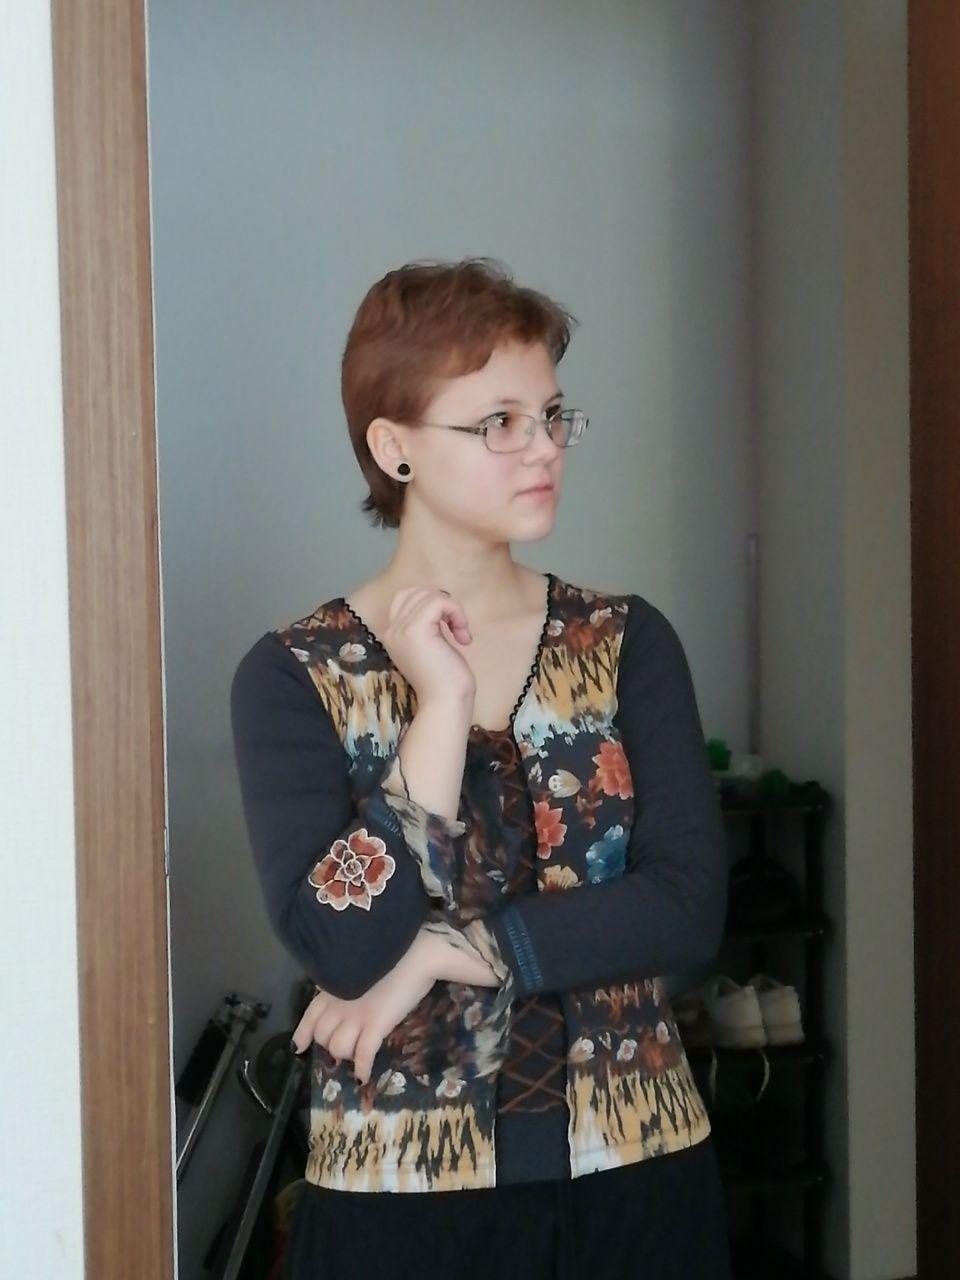 Мой день рождения с эльфами в северной столице, Санкт-Петербург, фото 18